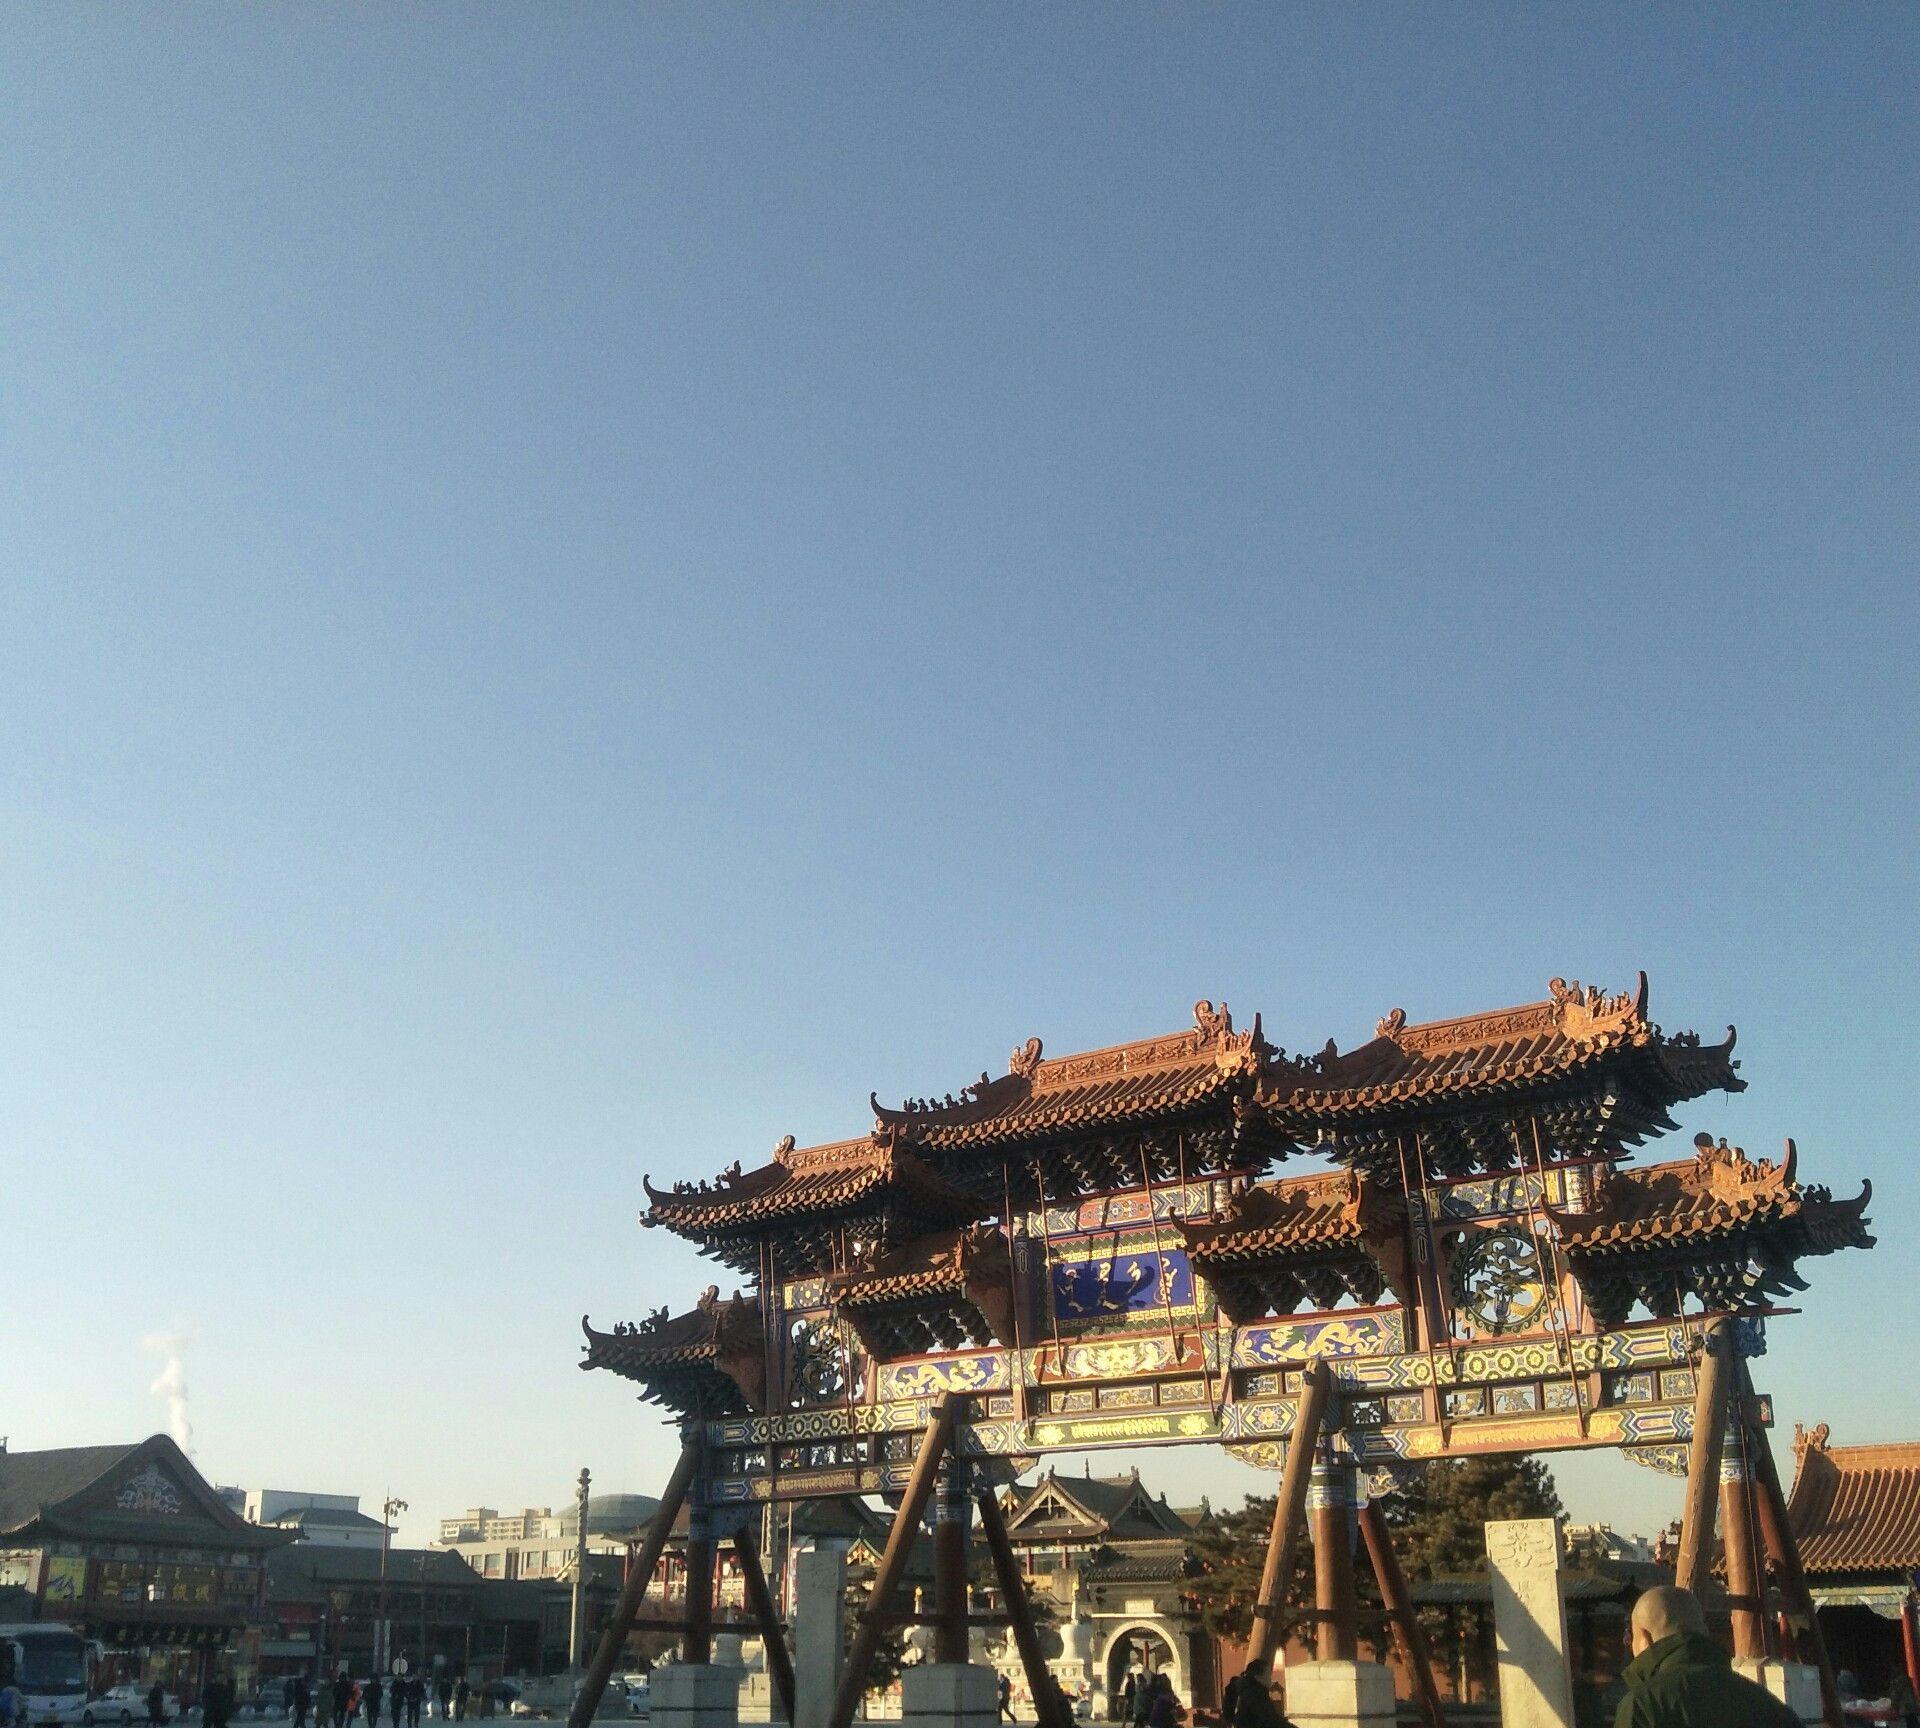 中国 内蒙古 呼和浩特南部的一座 大藏传佛教寺院